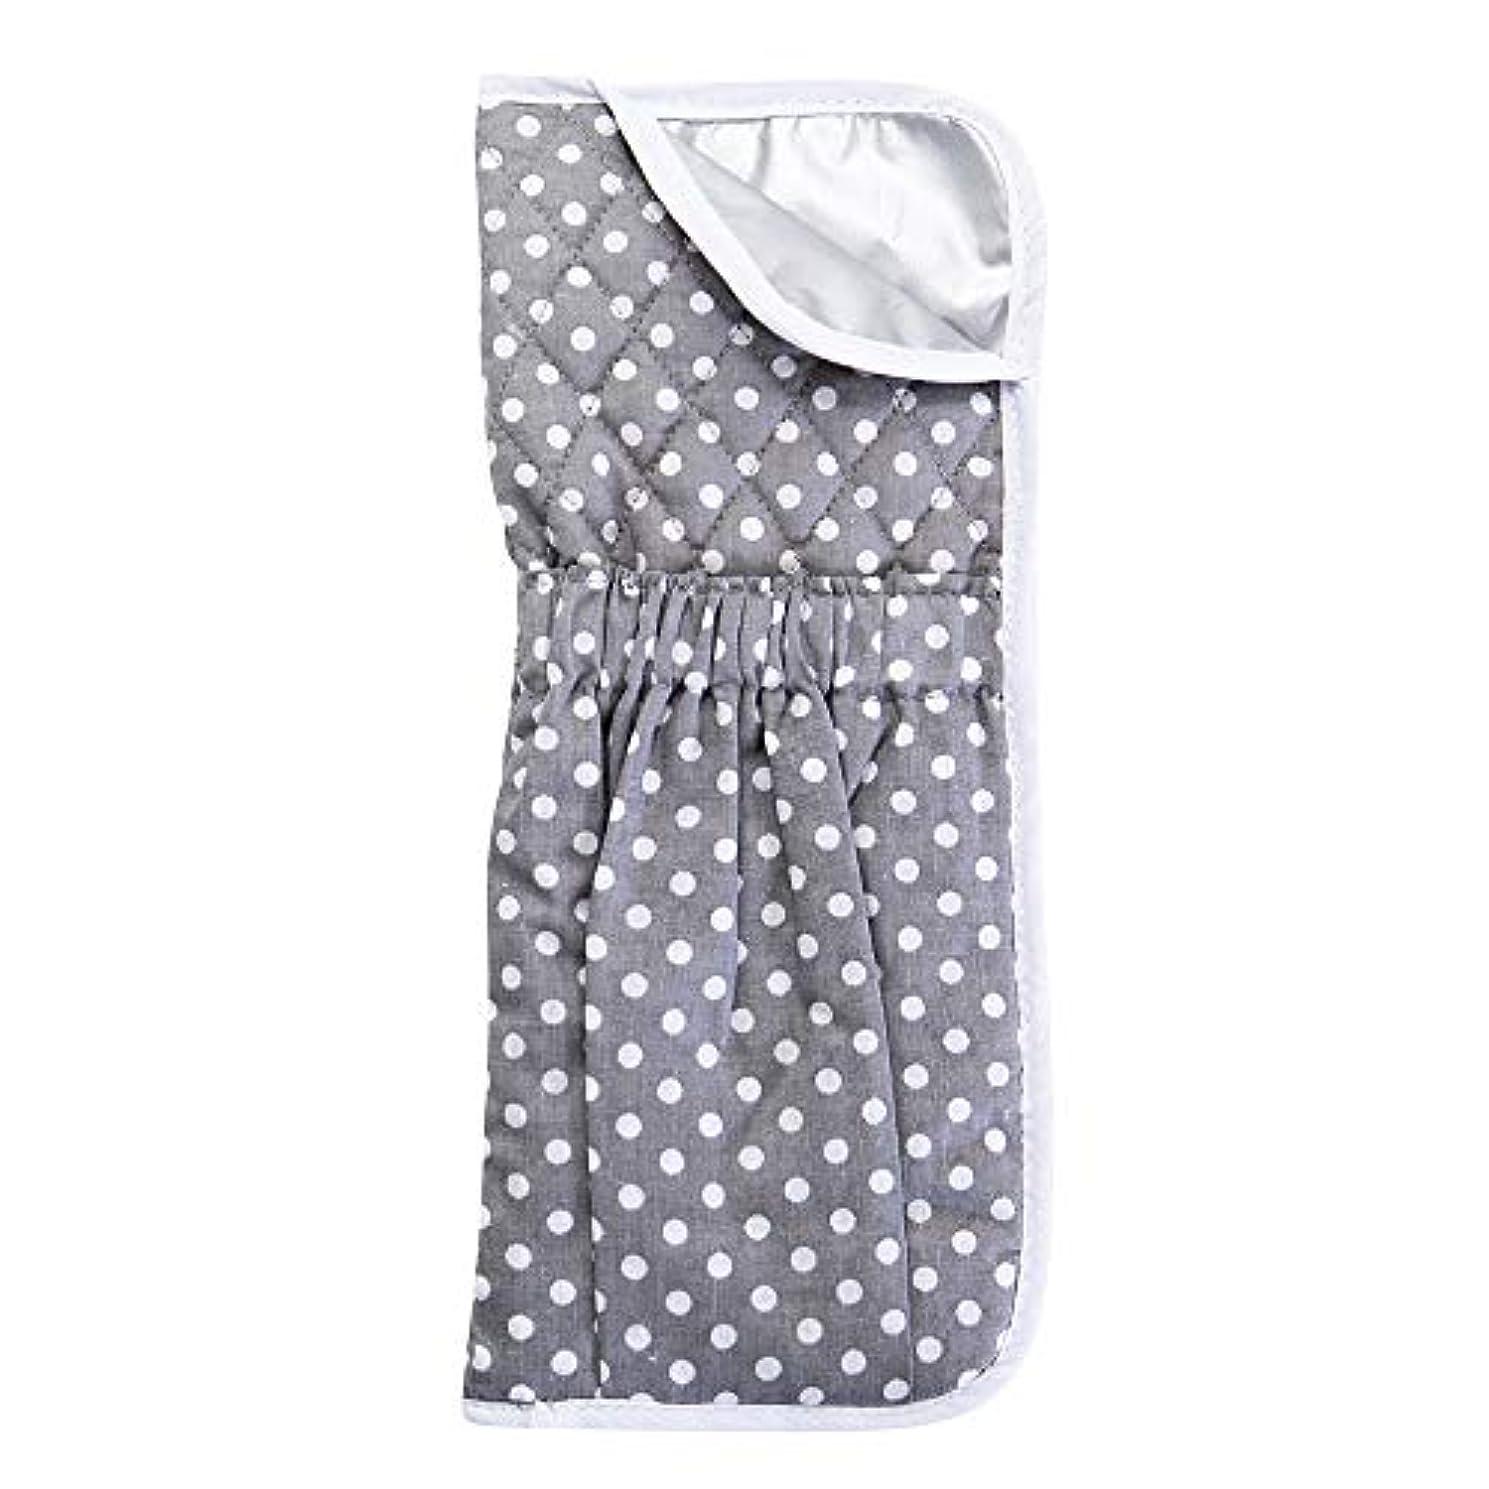 影のあるトリム石鹸Smartfeel ヘアアイロン ポーチ 収納 カバー 専用耐熱ポーチ コテ ポーチ 全集類ヘアアイロン収納可能 コード収納 かわいい 旅行バッグに収納可能 (グレー)